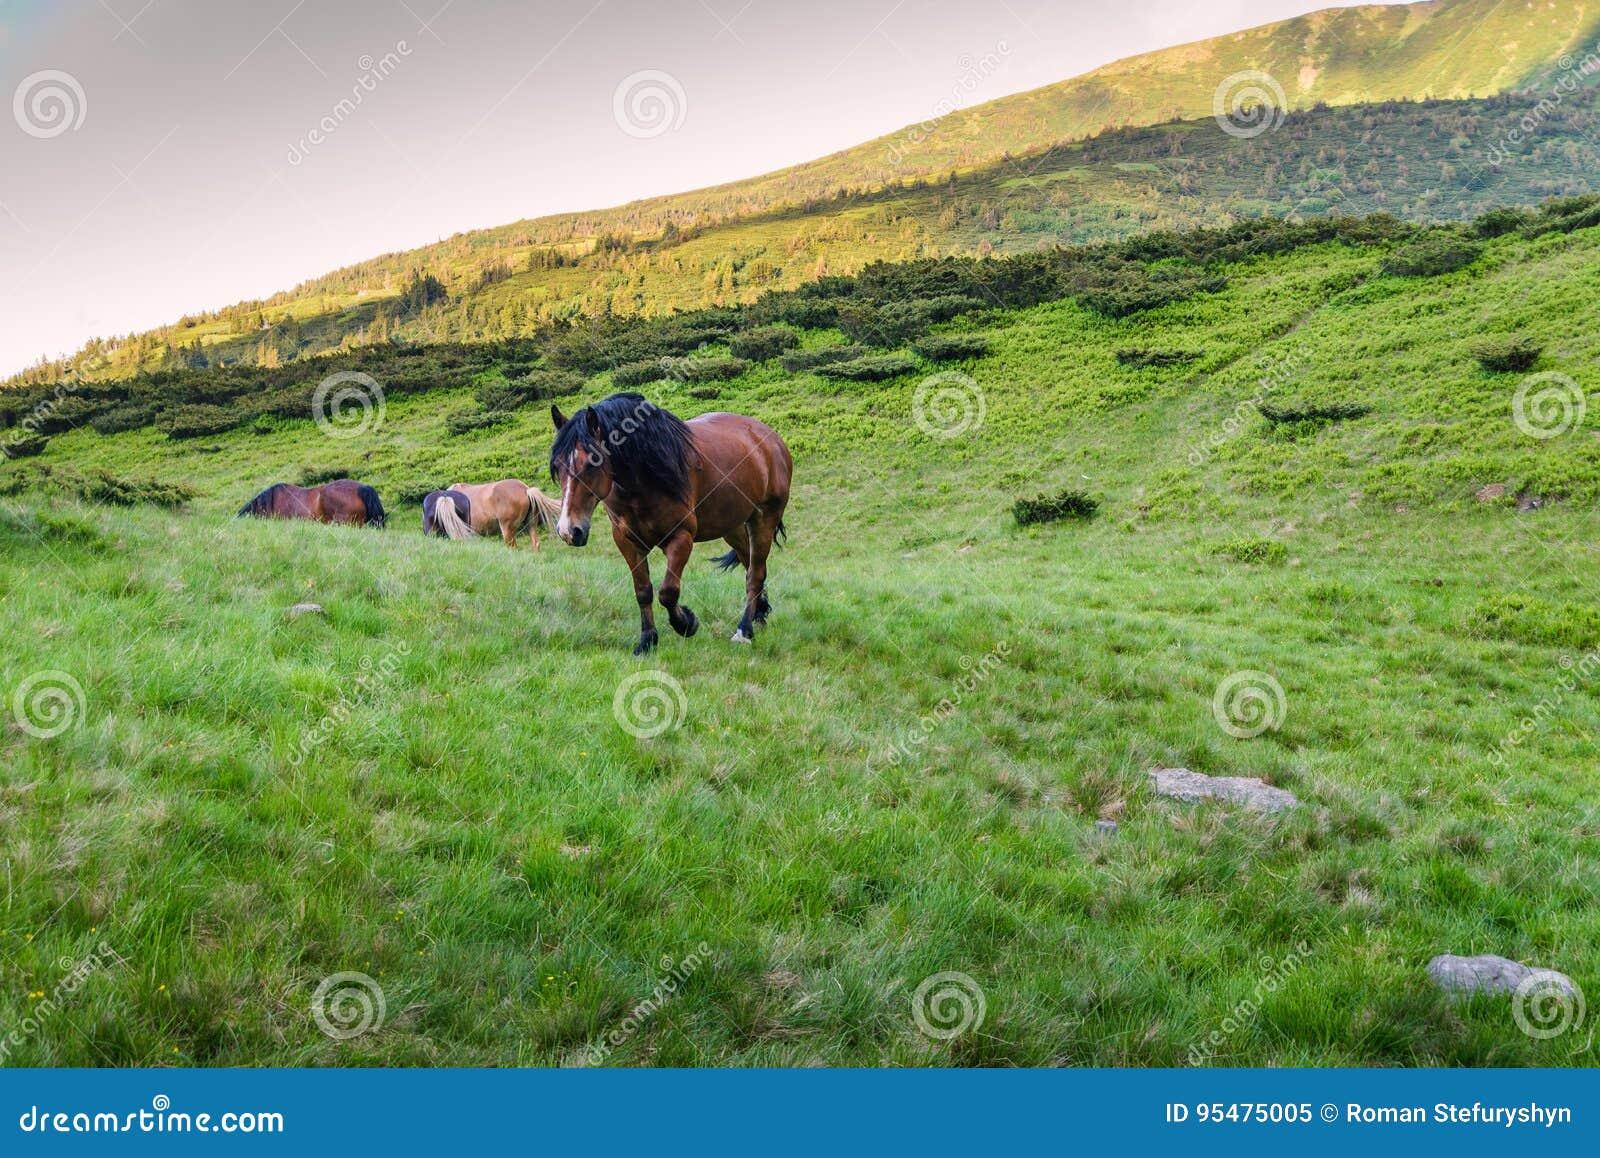 Czerwony koń w górach na zielonej trawie